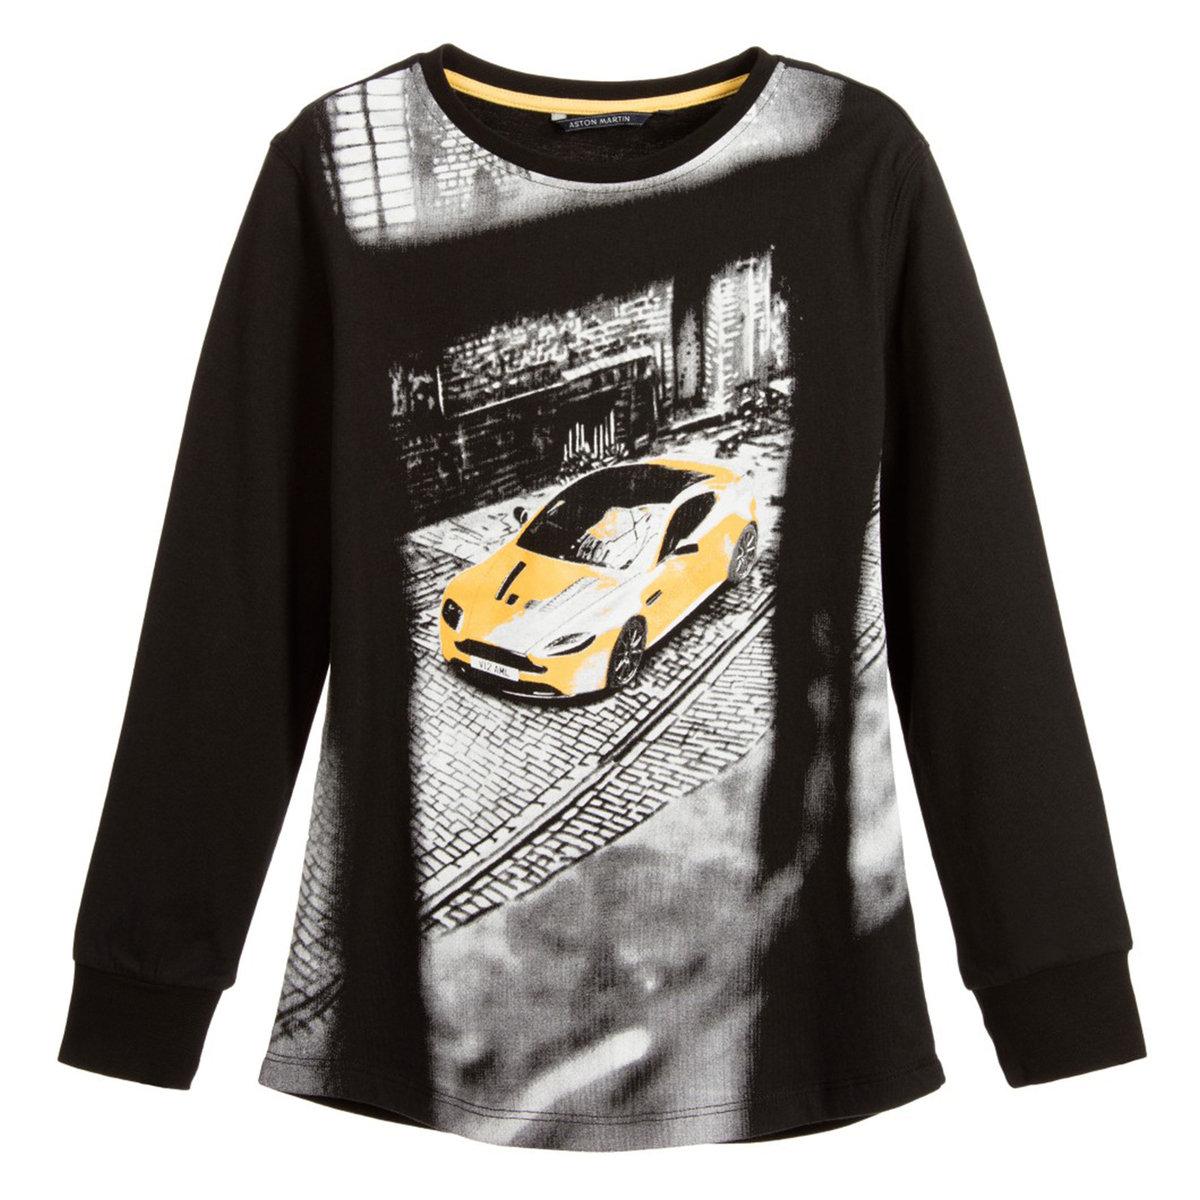 Boys Printed TShirt Aston Martin TShirts Shirts Polos - Aston martin shirt